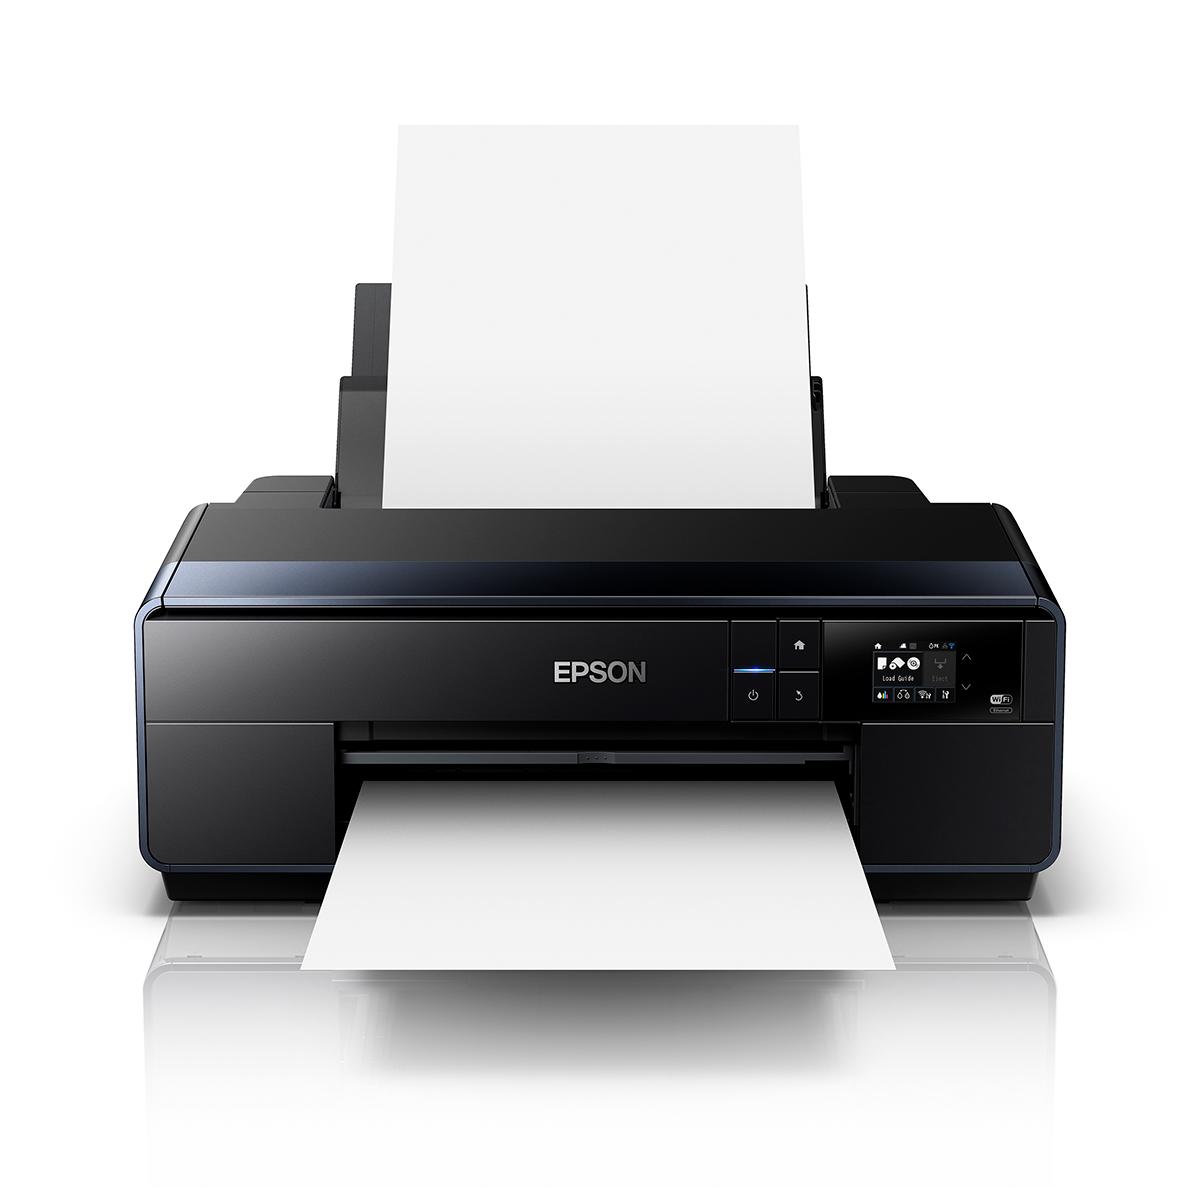 Epson SureColour SC-P600 A3 Pro Photo Colour Inkjet Printer